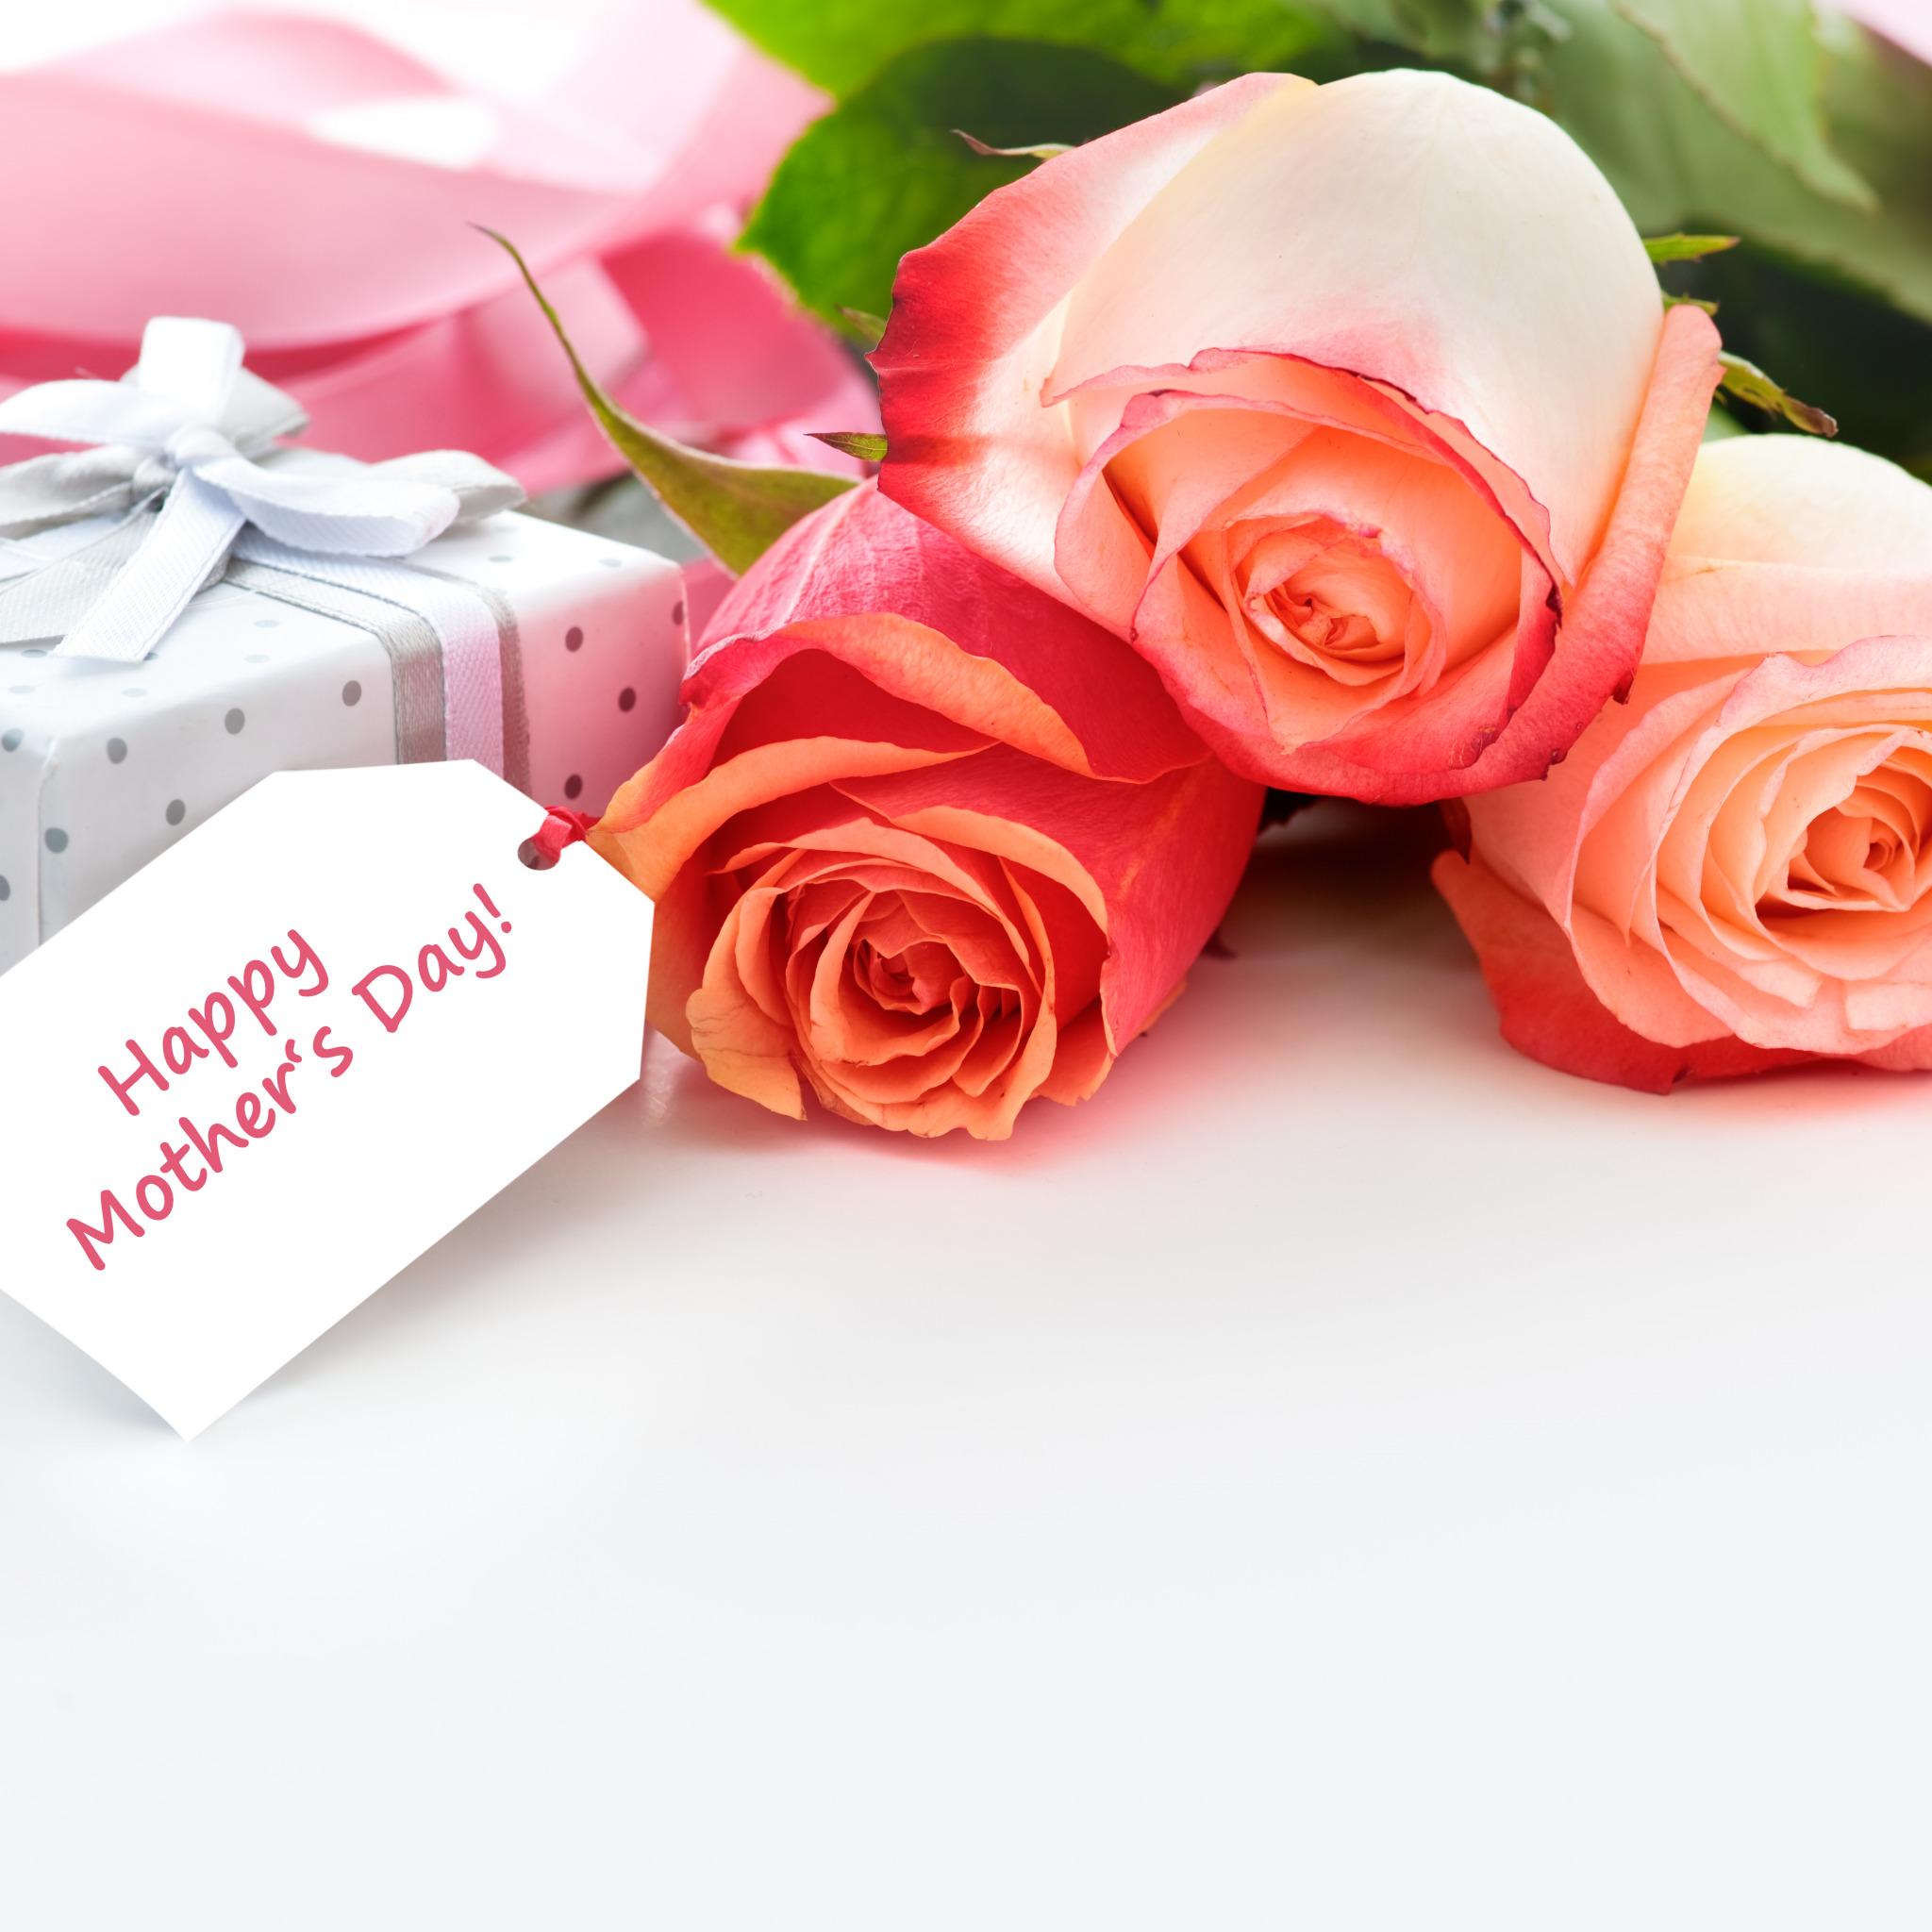 Открытки ко дню рождения женщине начальнику